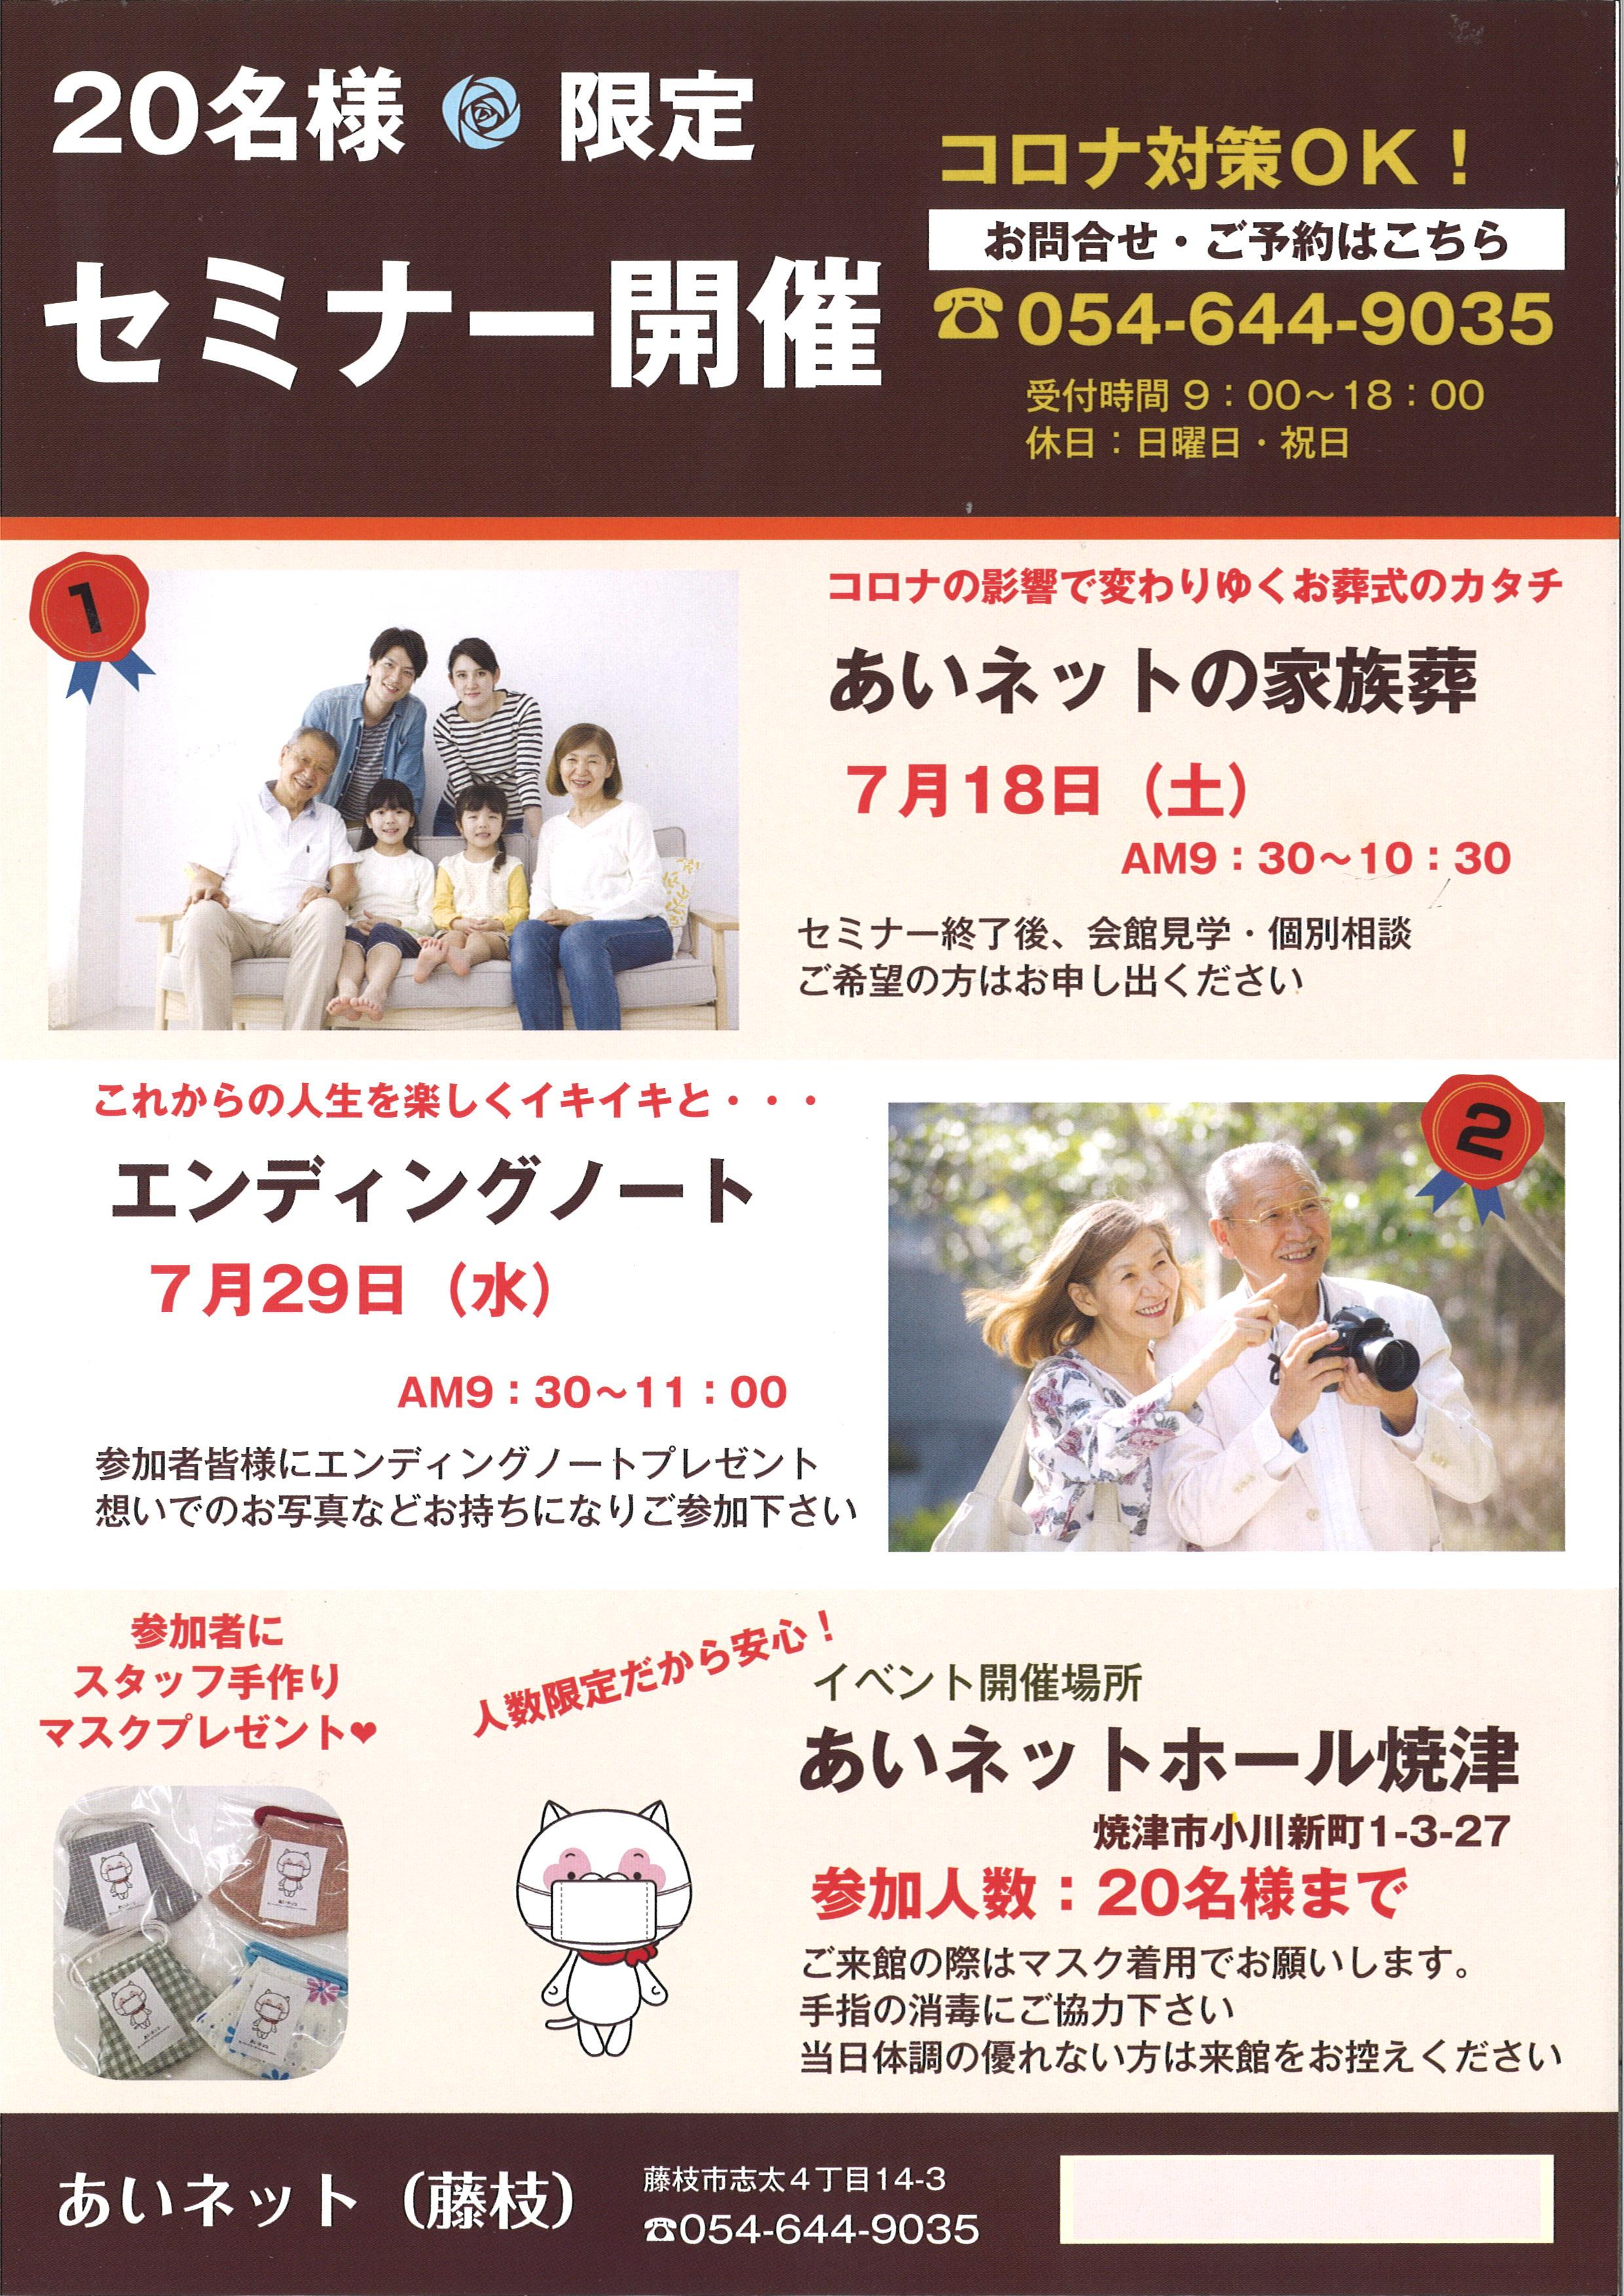 7月開催セミナー あいネットホール焼津